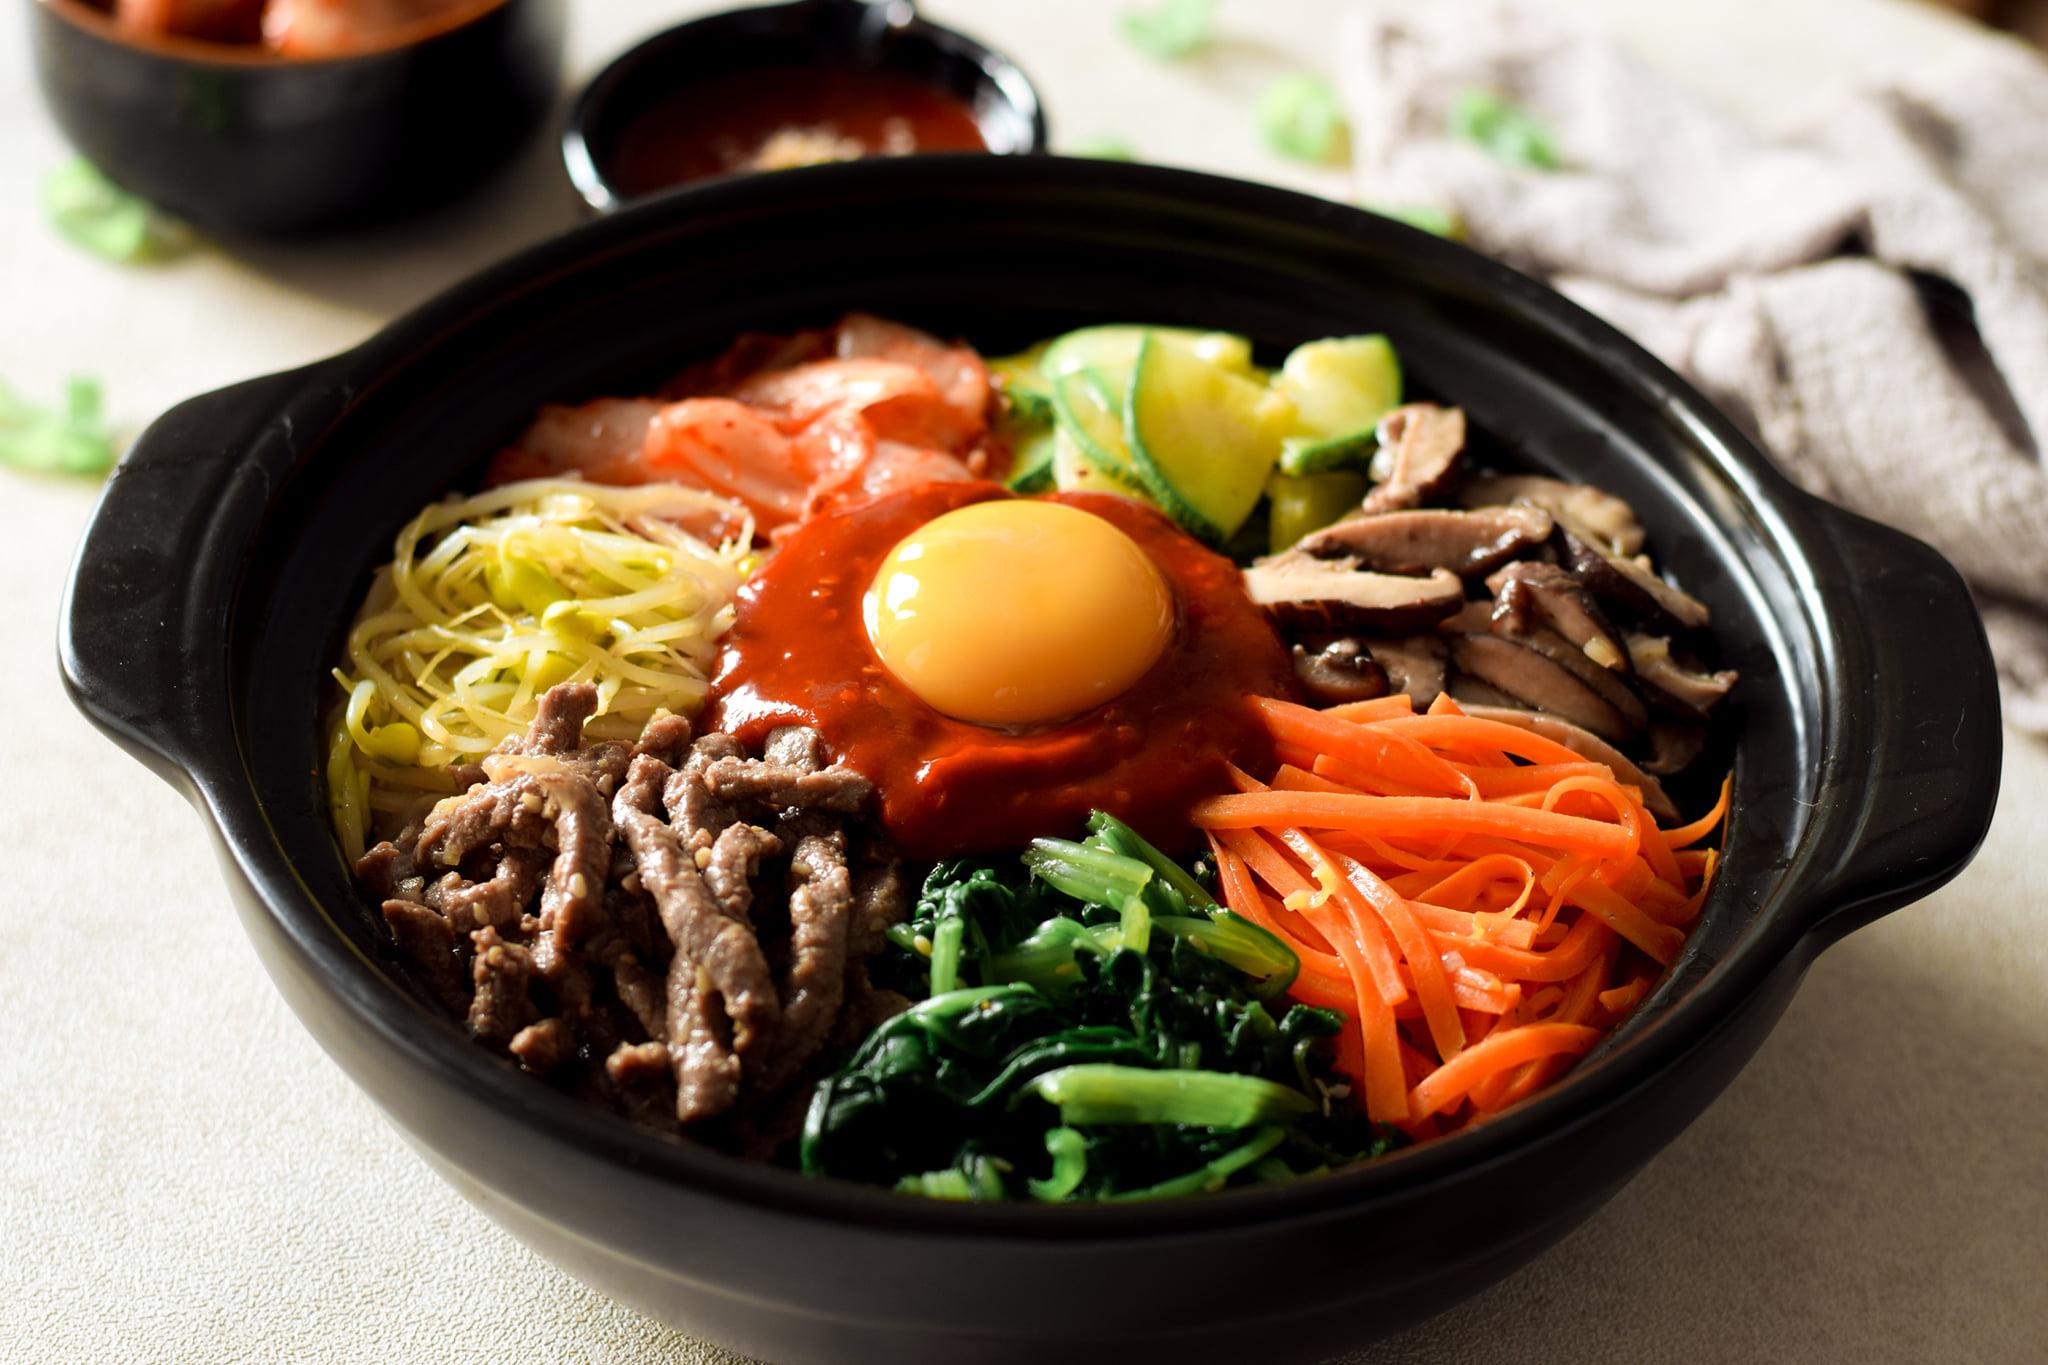 Cách làm Bibimbap đơn giản, chuẩn vị Hàn Quốc, ăn vào mùa đông cực hợp